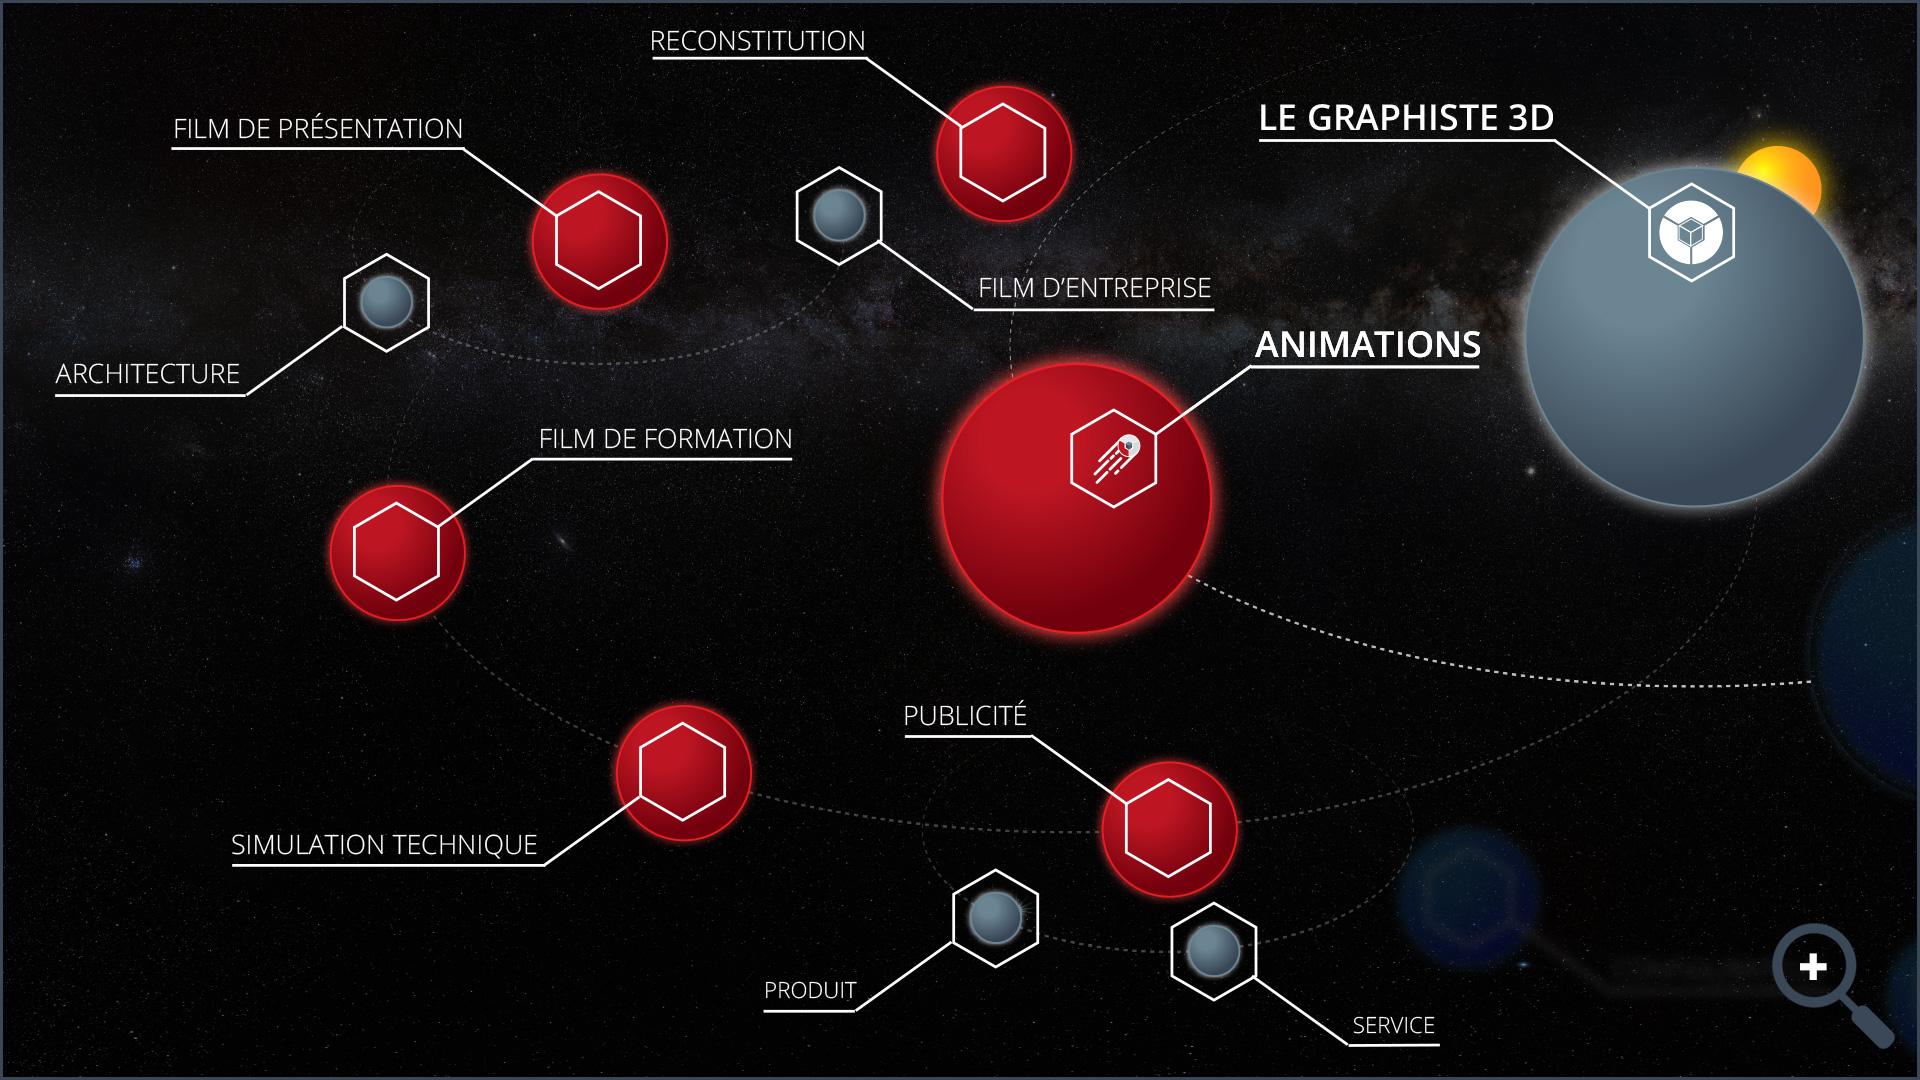 Réalisations - Animations - Le Graphiste 3D